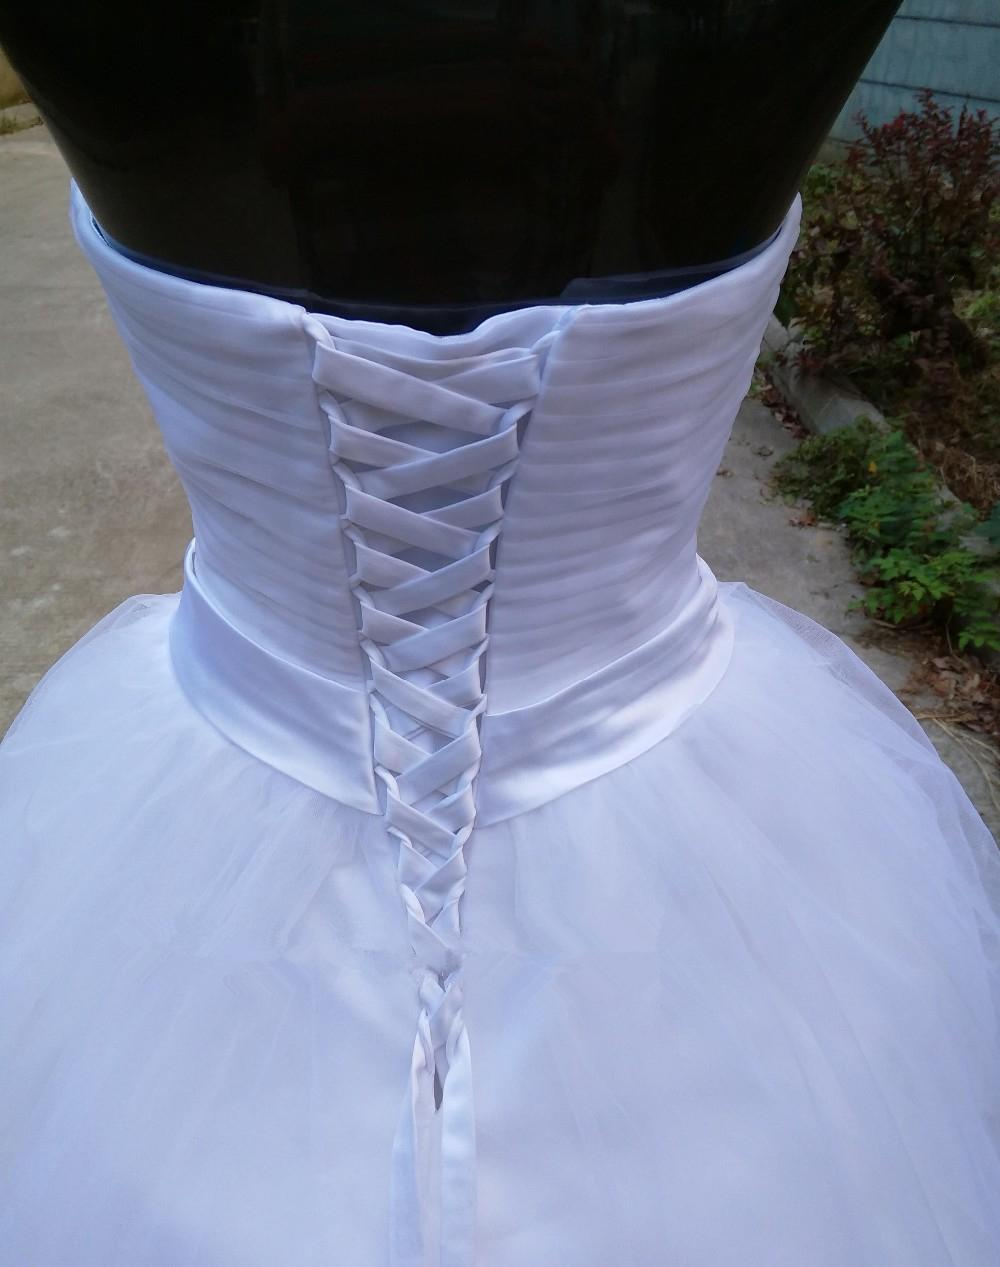 Vestido de novia romántico con forma de bola Vestido de novia con cristal 2019 Nuevos vestidos de novia suaves de tul Longitud del piso